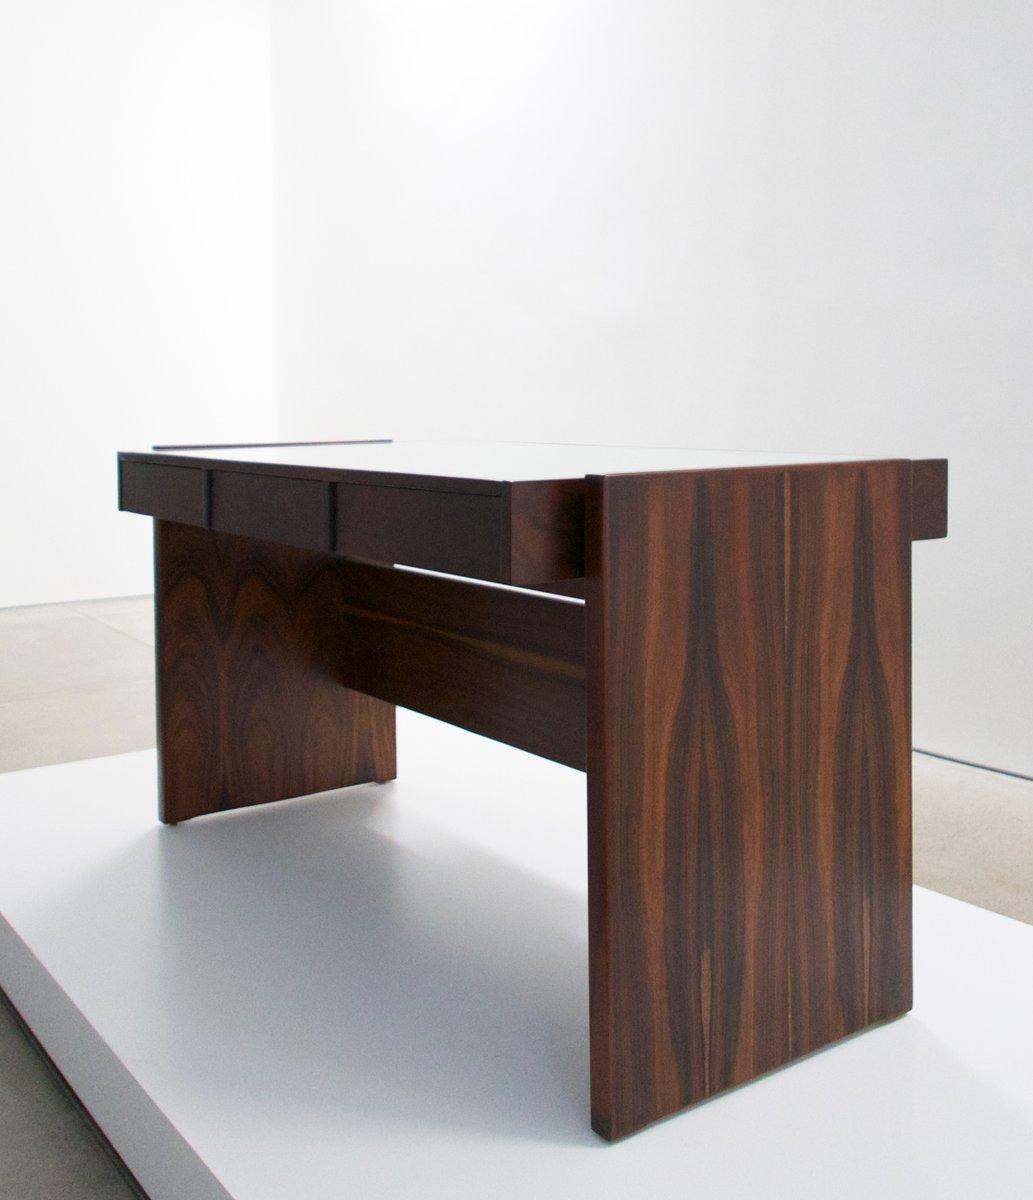 schreibtisch aus palisander mit wei er glasplatte von joaquim tenreiro 1960er bei pamono kaufen. Black Bedroom Furniture Sets. Home Design Ideas